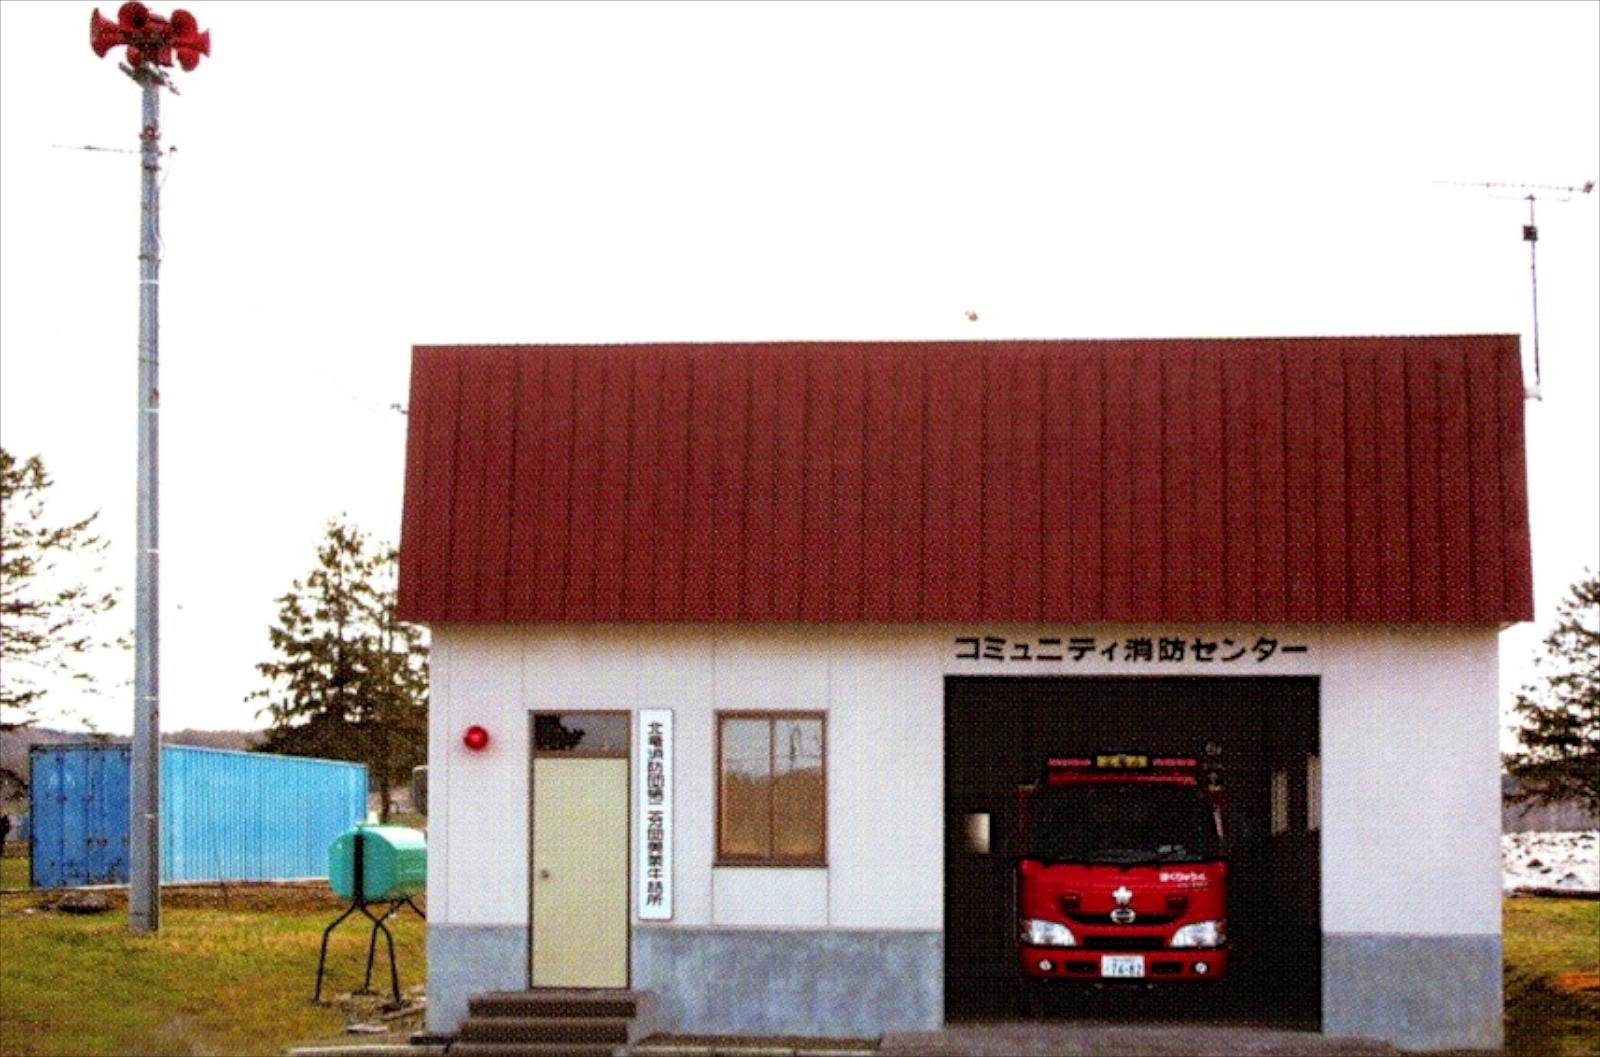 Photo: 北竜消防